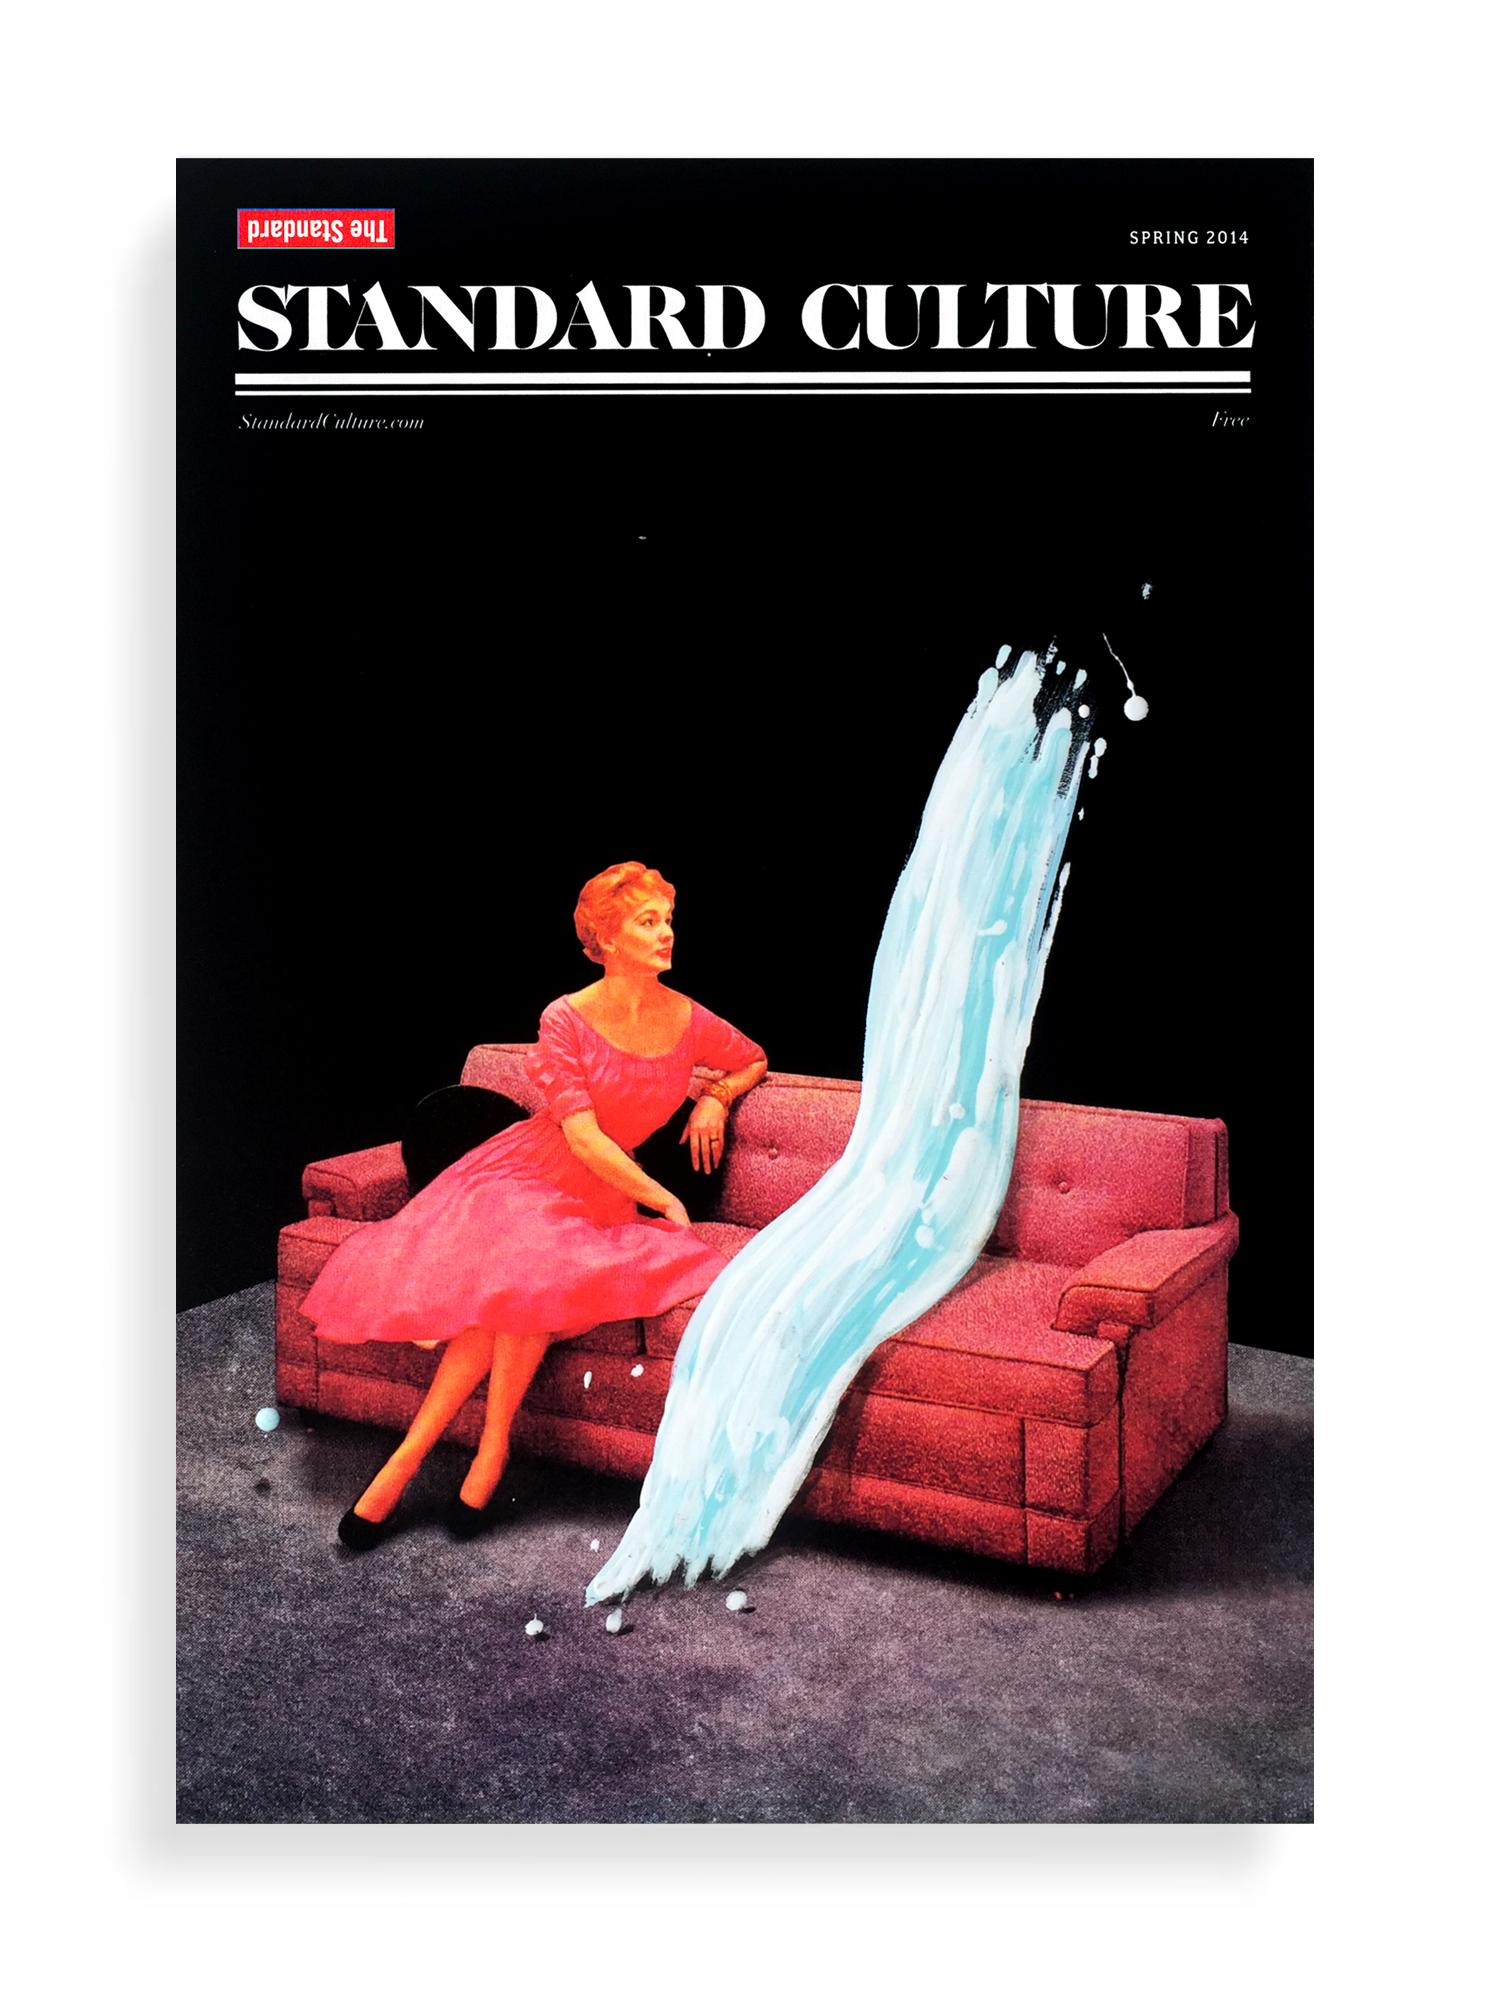 Standard Culture